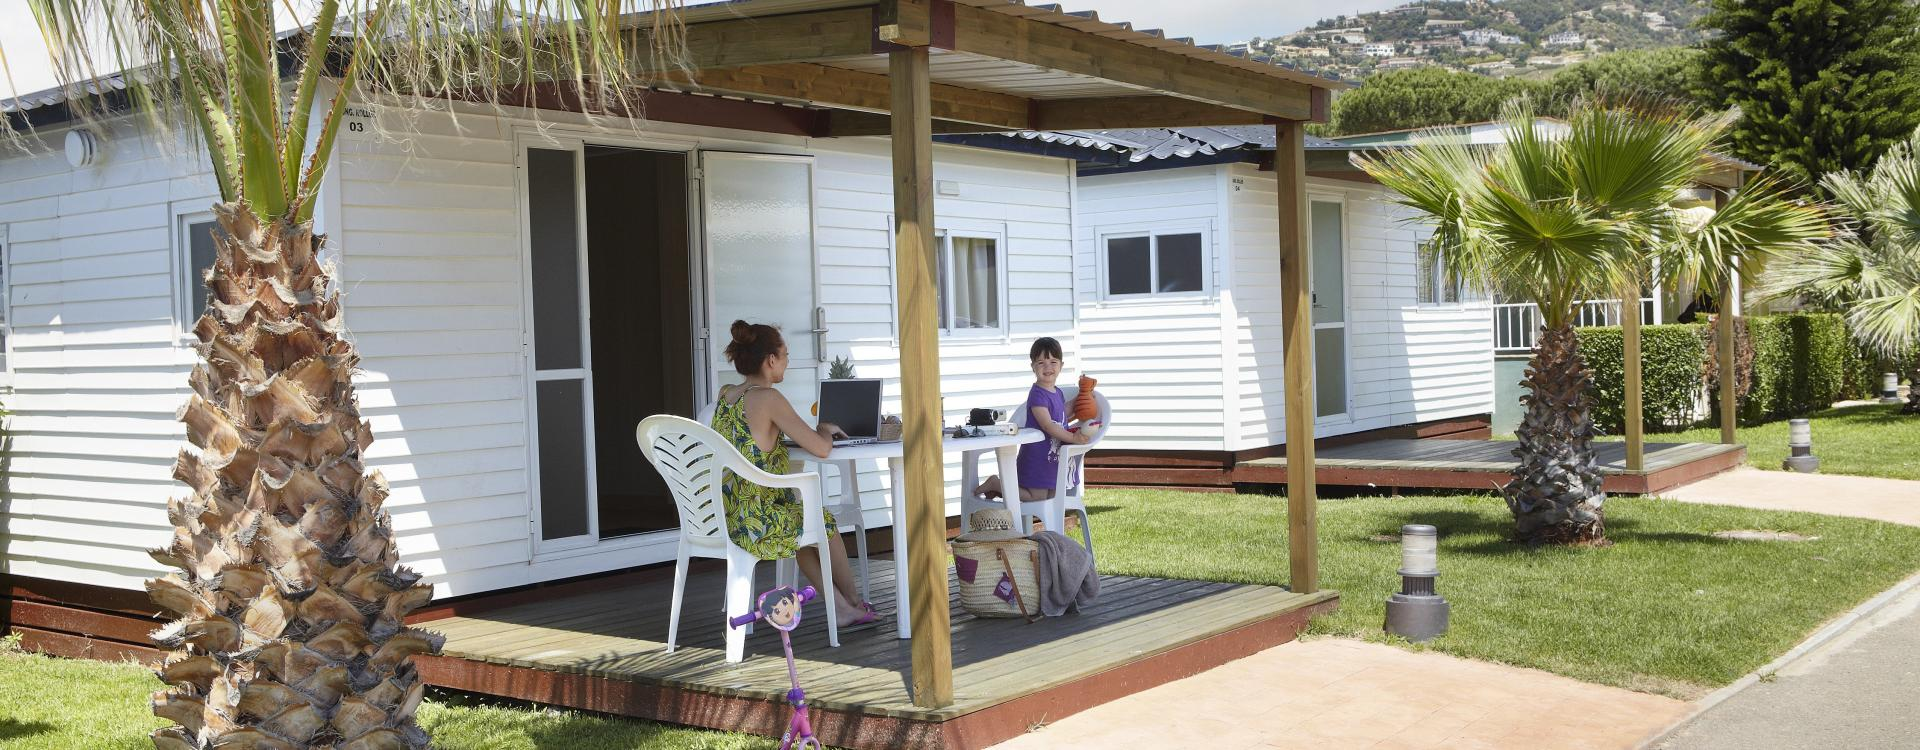 Famille à l'extérieur du bungalow Ridaura